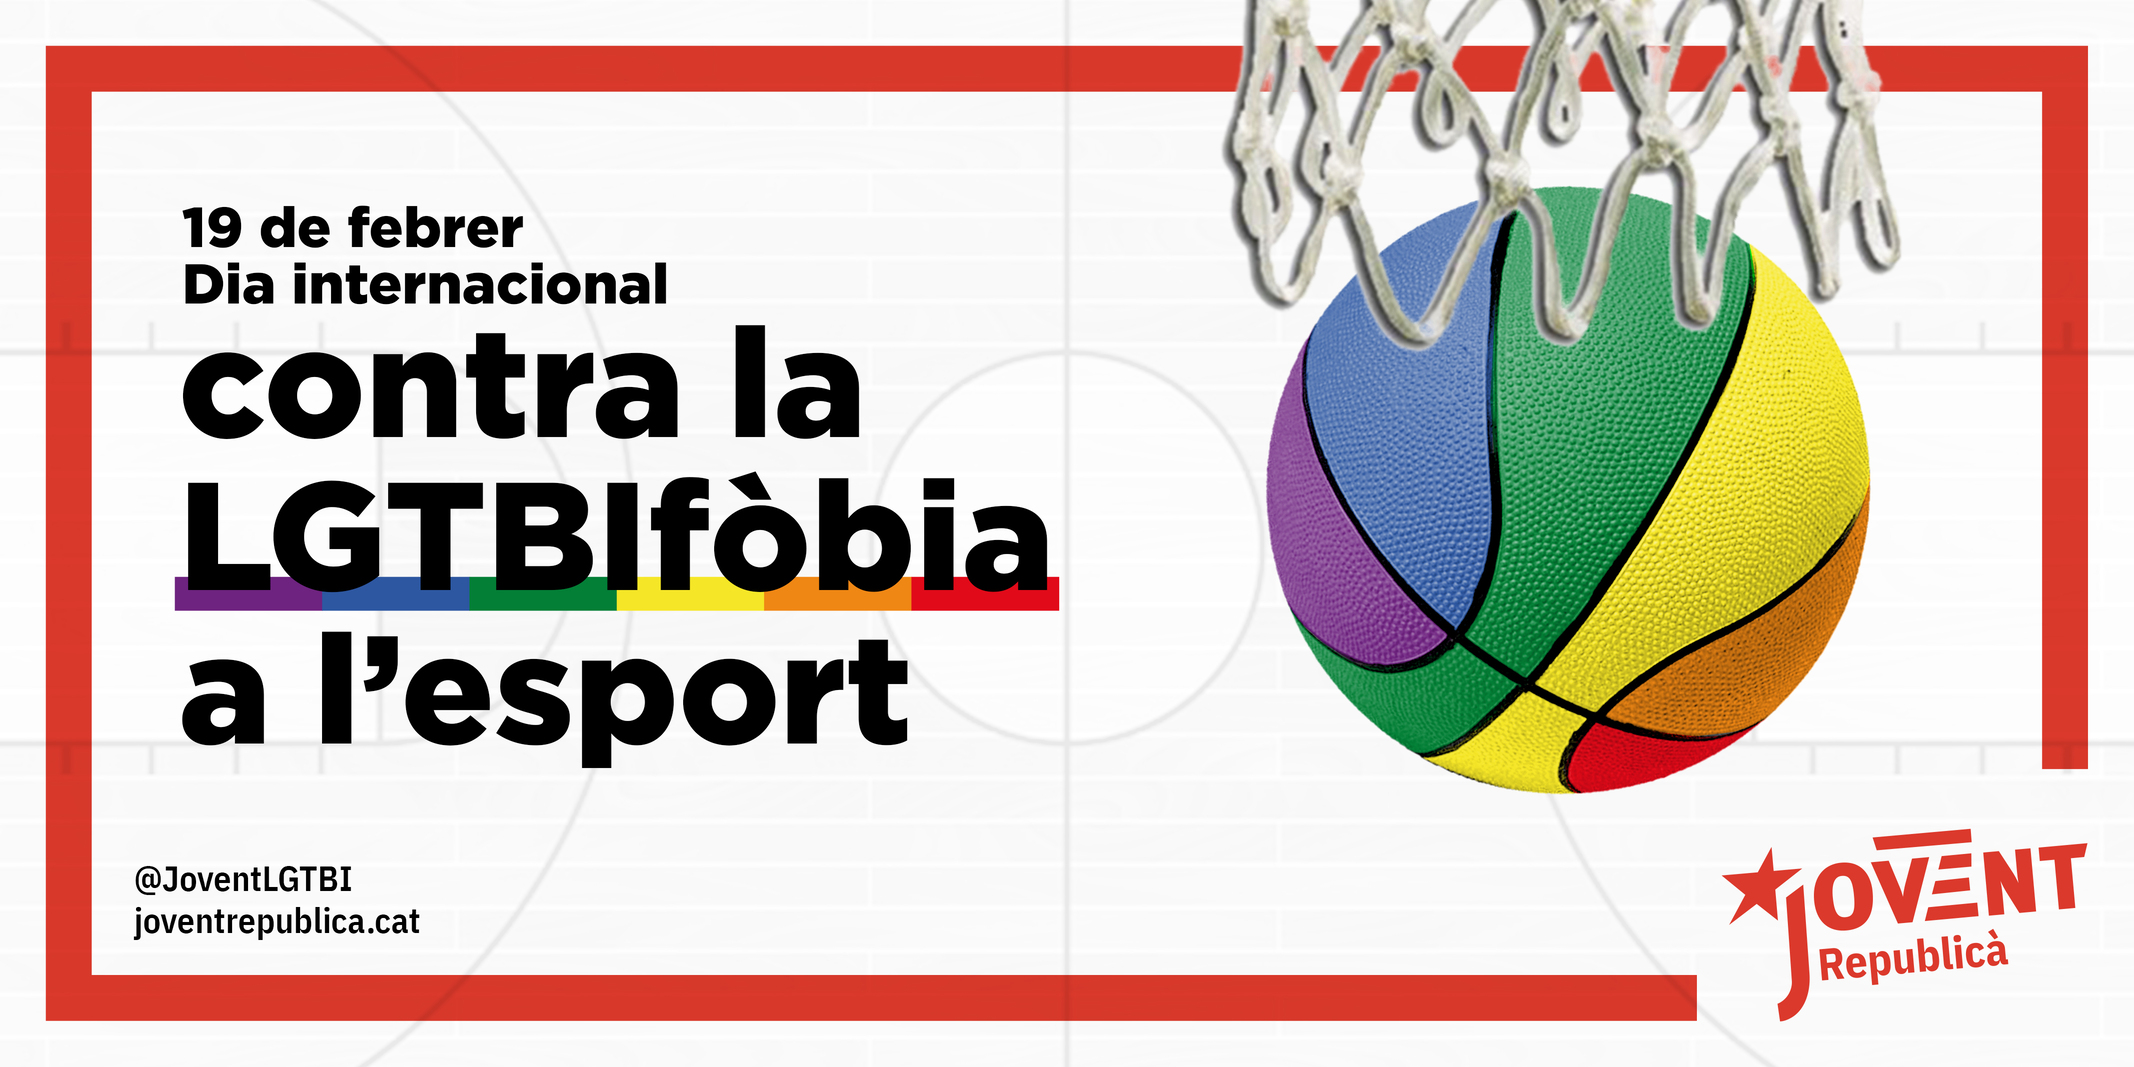 Tenim dret a fer esport sense odi ni discriminació!